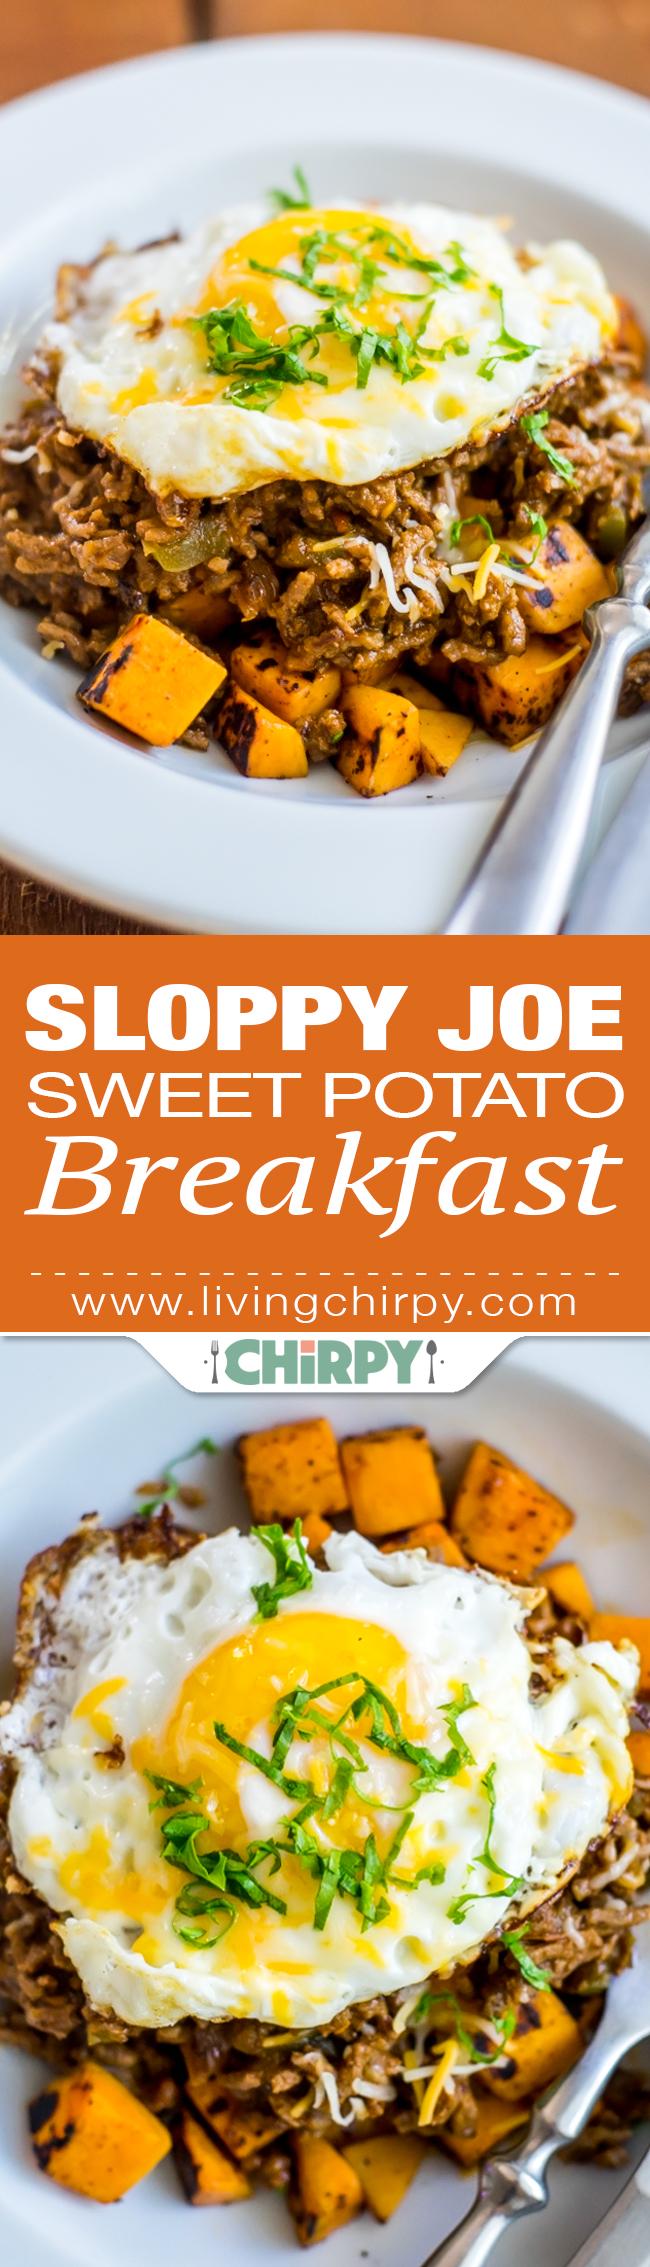 Sloppy Joe Sweet Potato Breakfast Pin